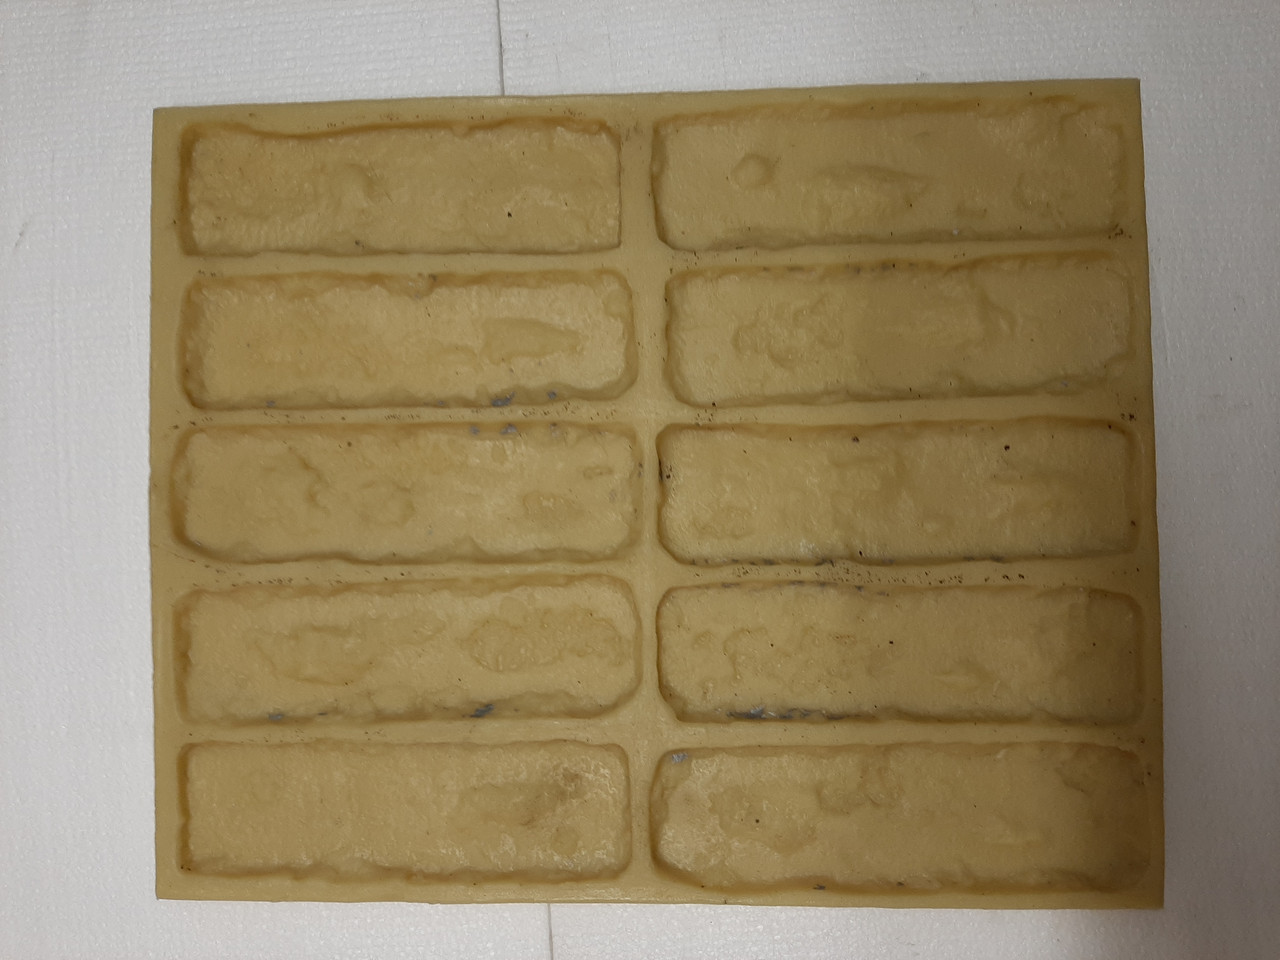 Полиуретановые силиконовые формы для плитки Бостон кирпича из гипса